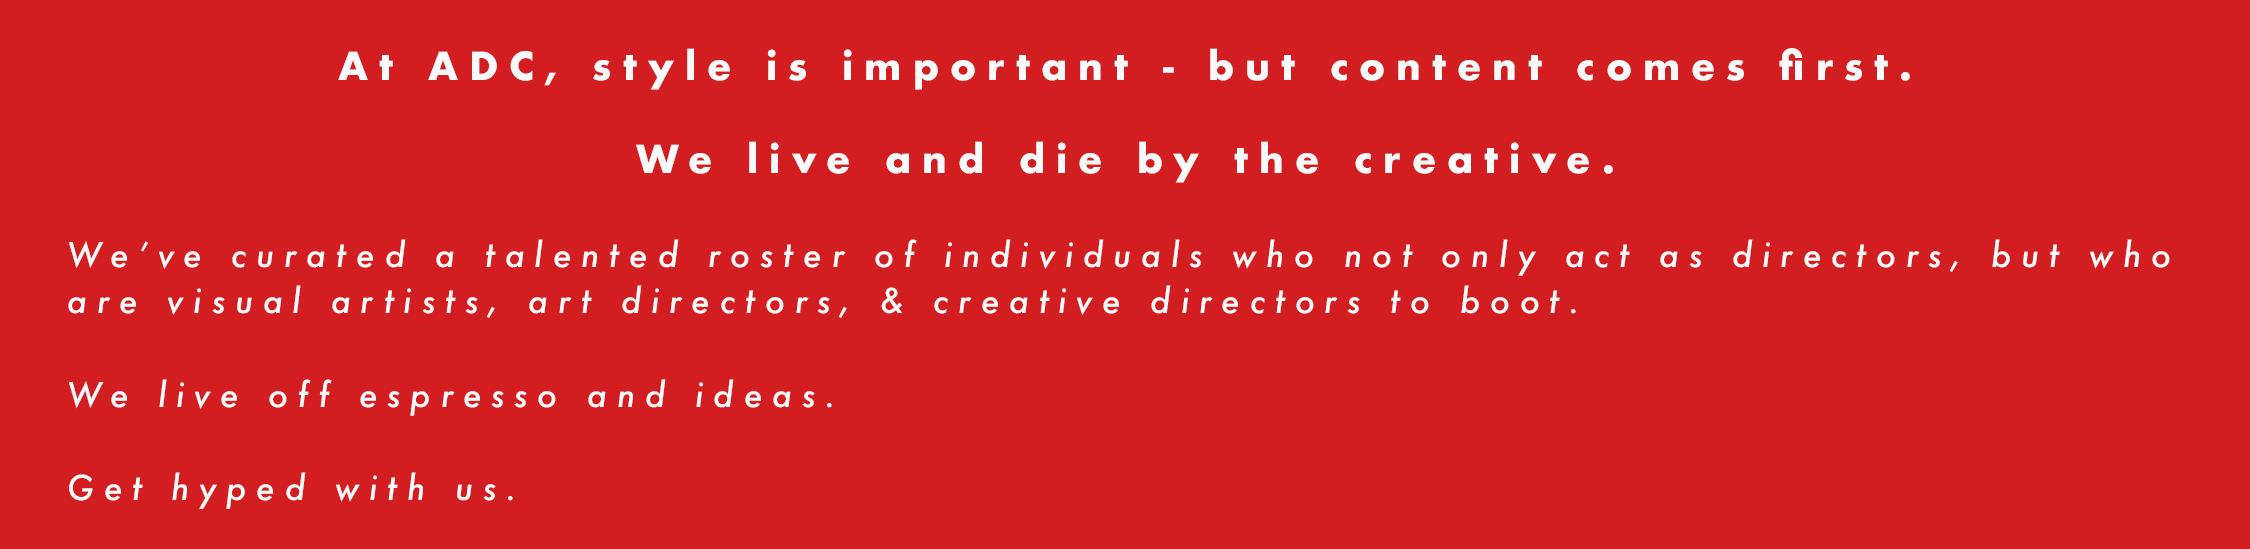 Directors copy_v2.jpg